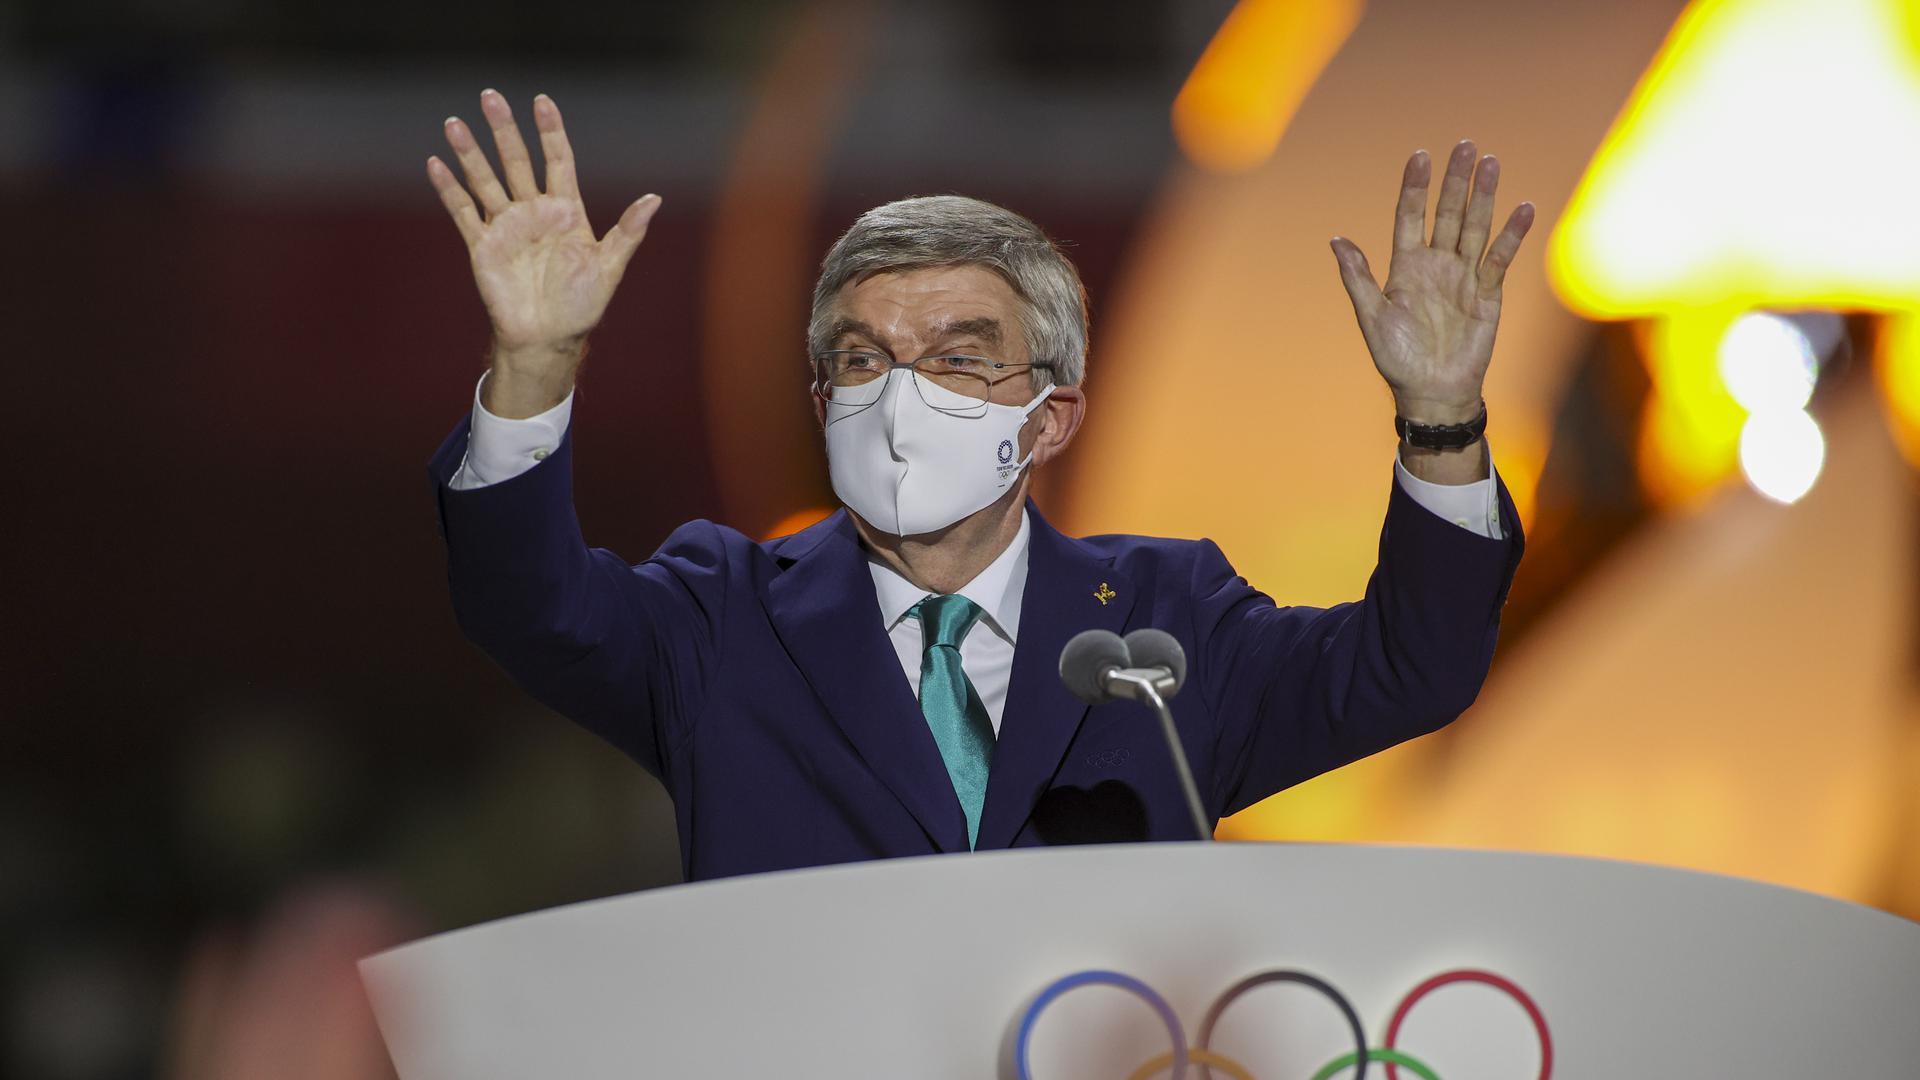 08.08.2021, Japan, Tokio: Olympia: Abschlussfeier im Olympiastadion. Der Präsident des Internationalen Olympischen Komitees, Thomas Bach, winkt während der Abschlusszeremonie Foto: Dan Mullen/Pool Getty Images/dpa +++ dpa-Bildfunk +++